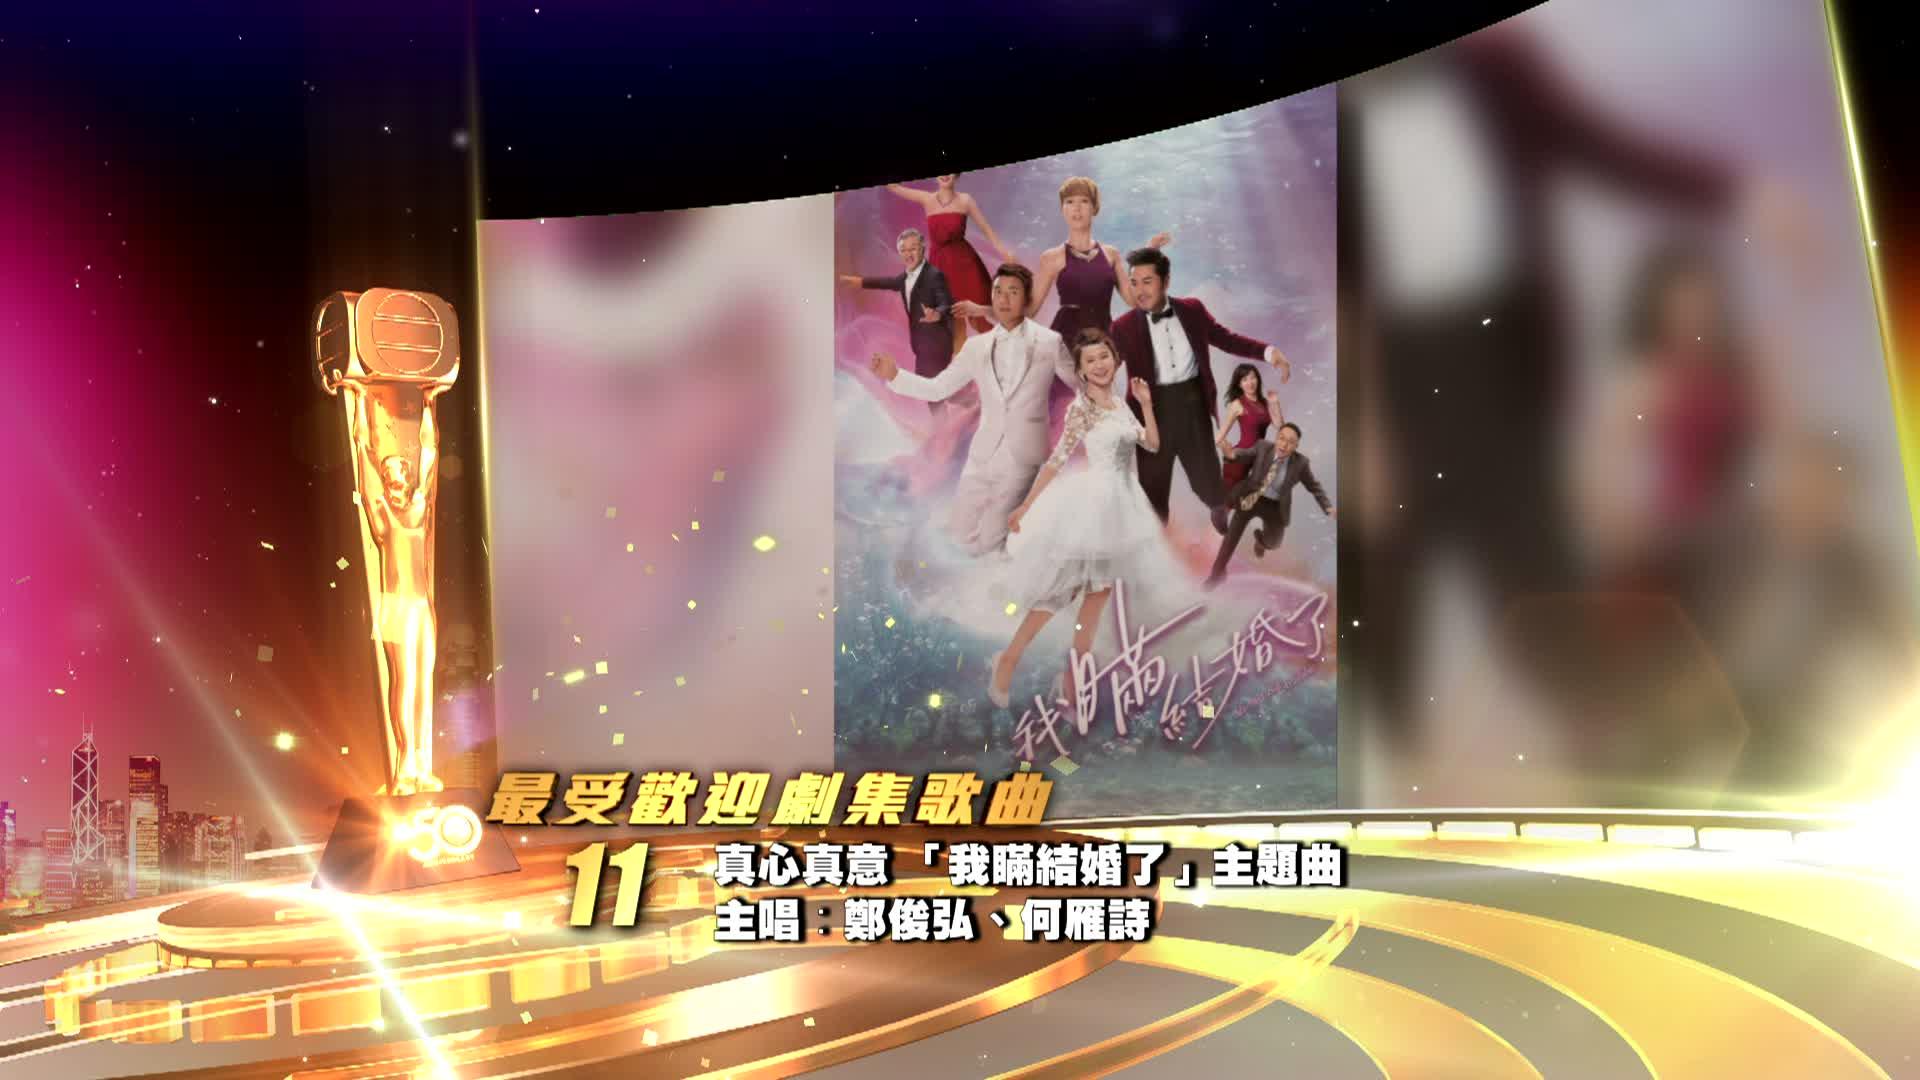 11. 鄭俊弘、何雁詩-真心真意《我瞞結婚了》主題曲